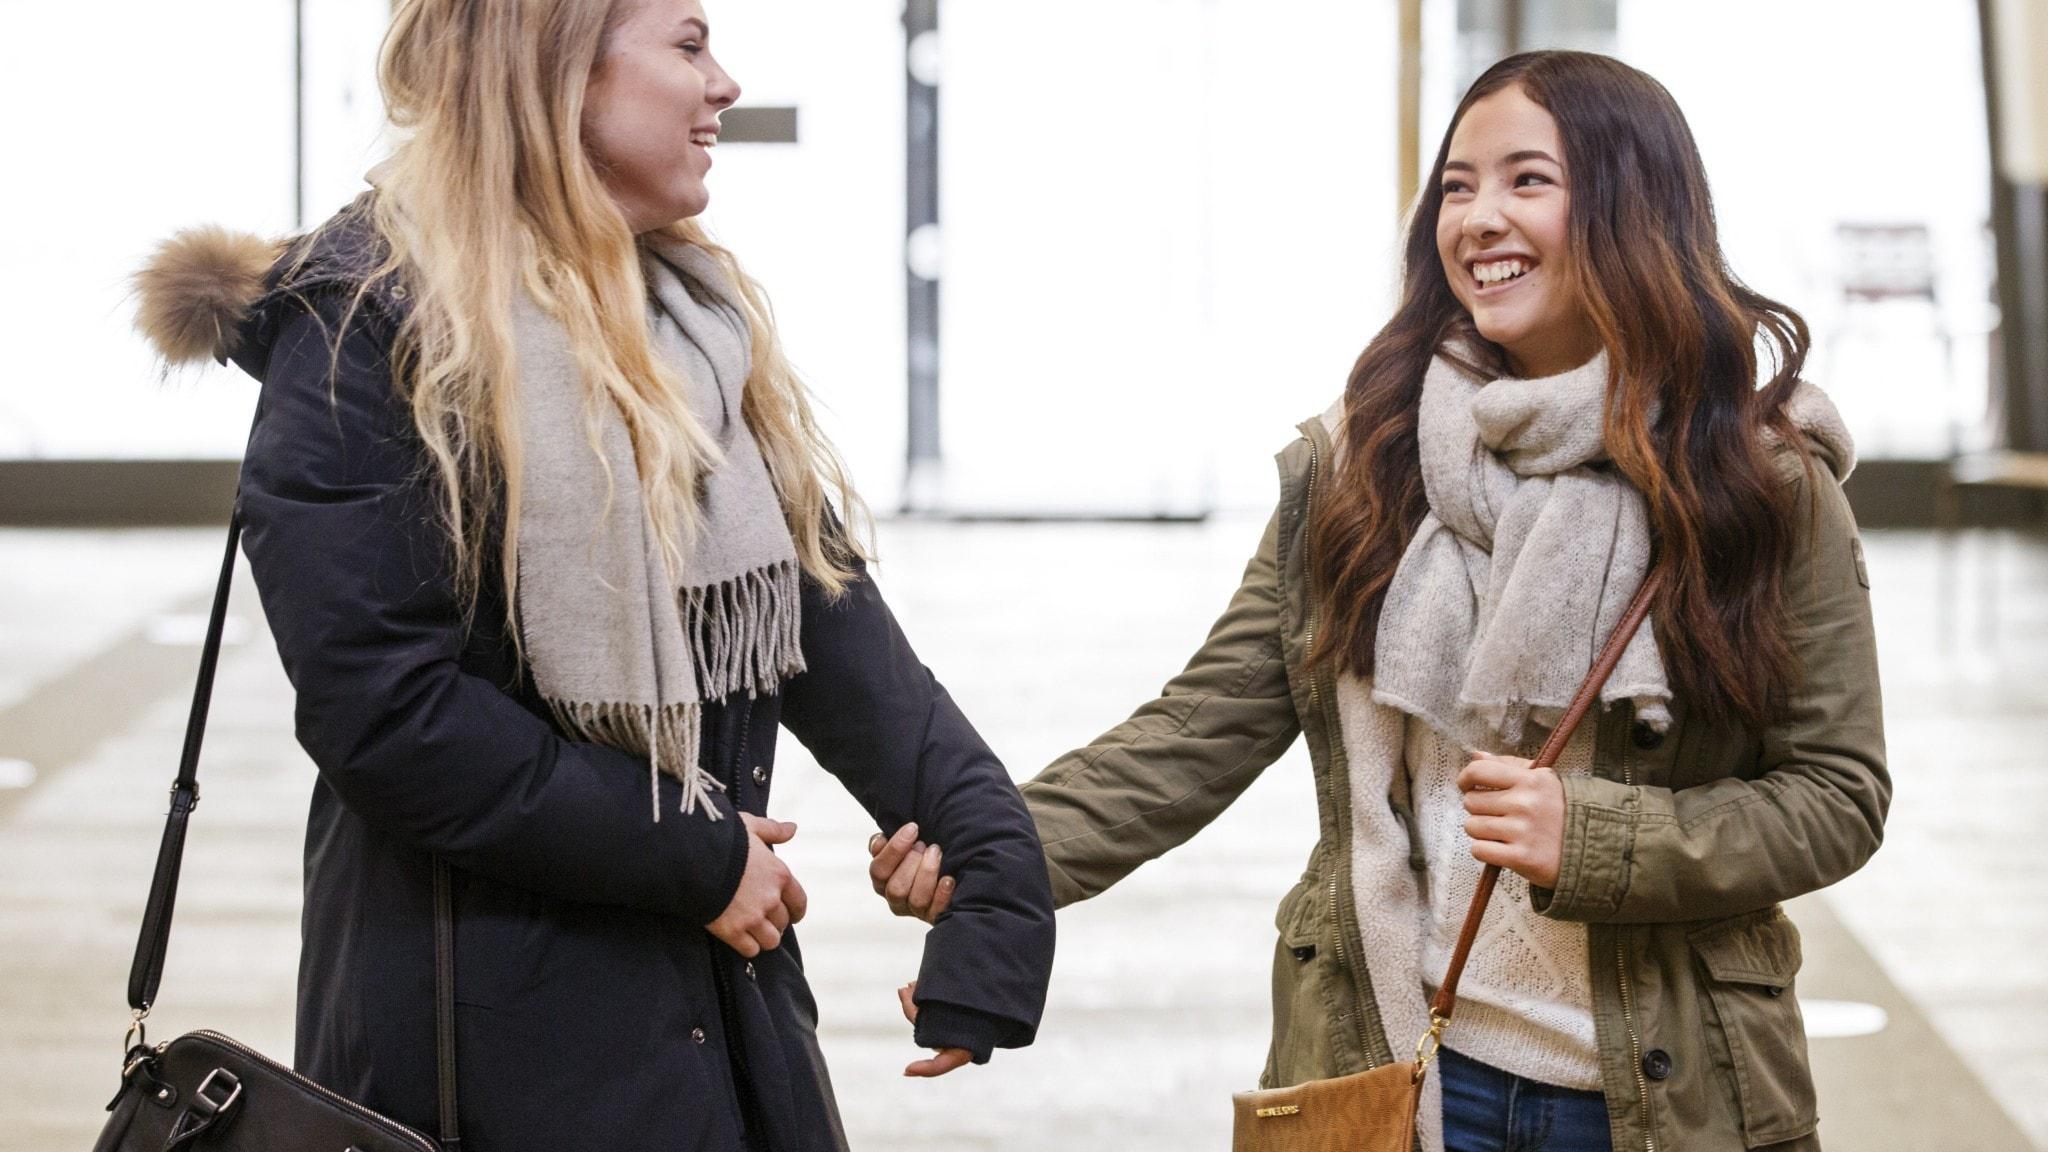 två unga kvinnor hand i hand